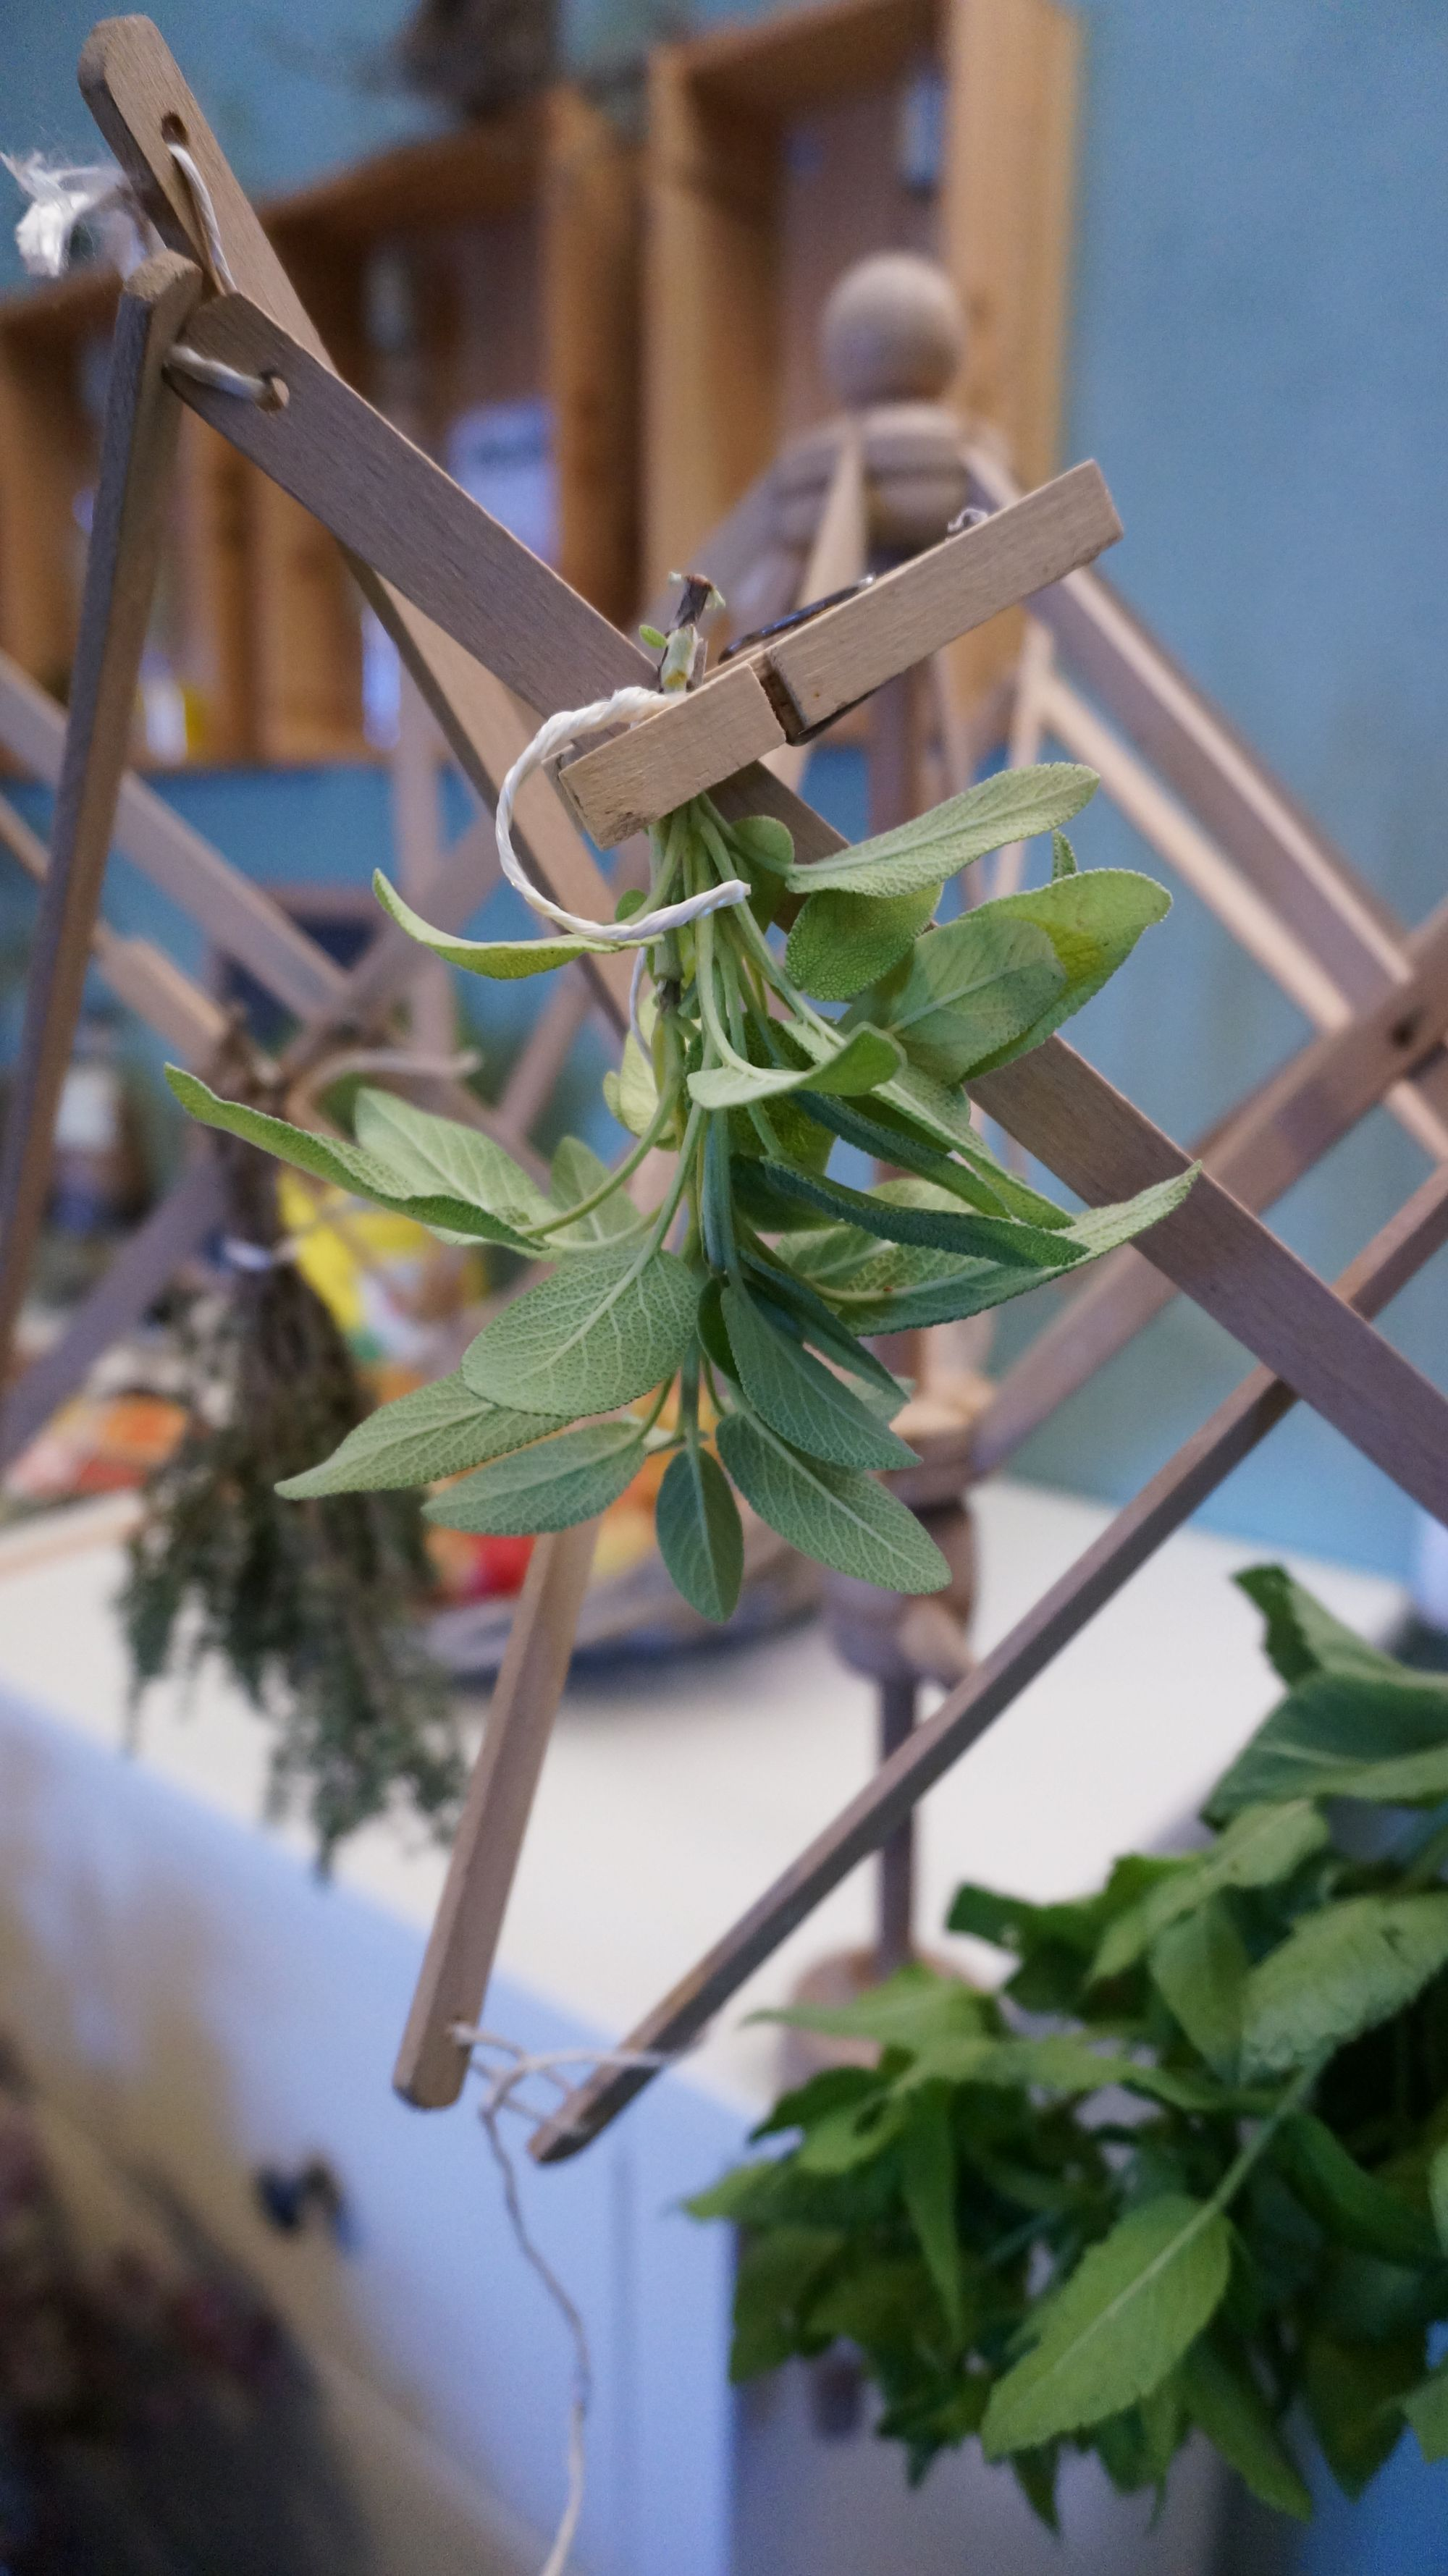 blossom-zine-ricola-essicare-erbe-5